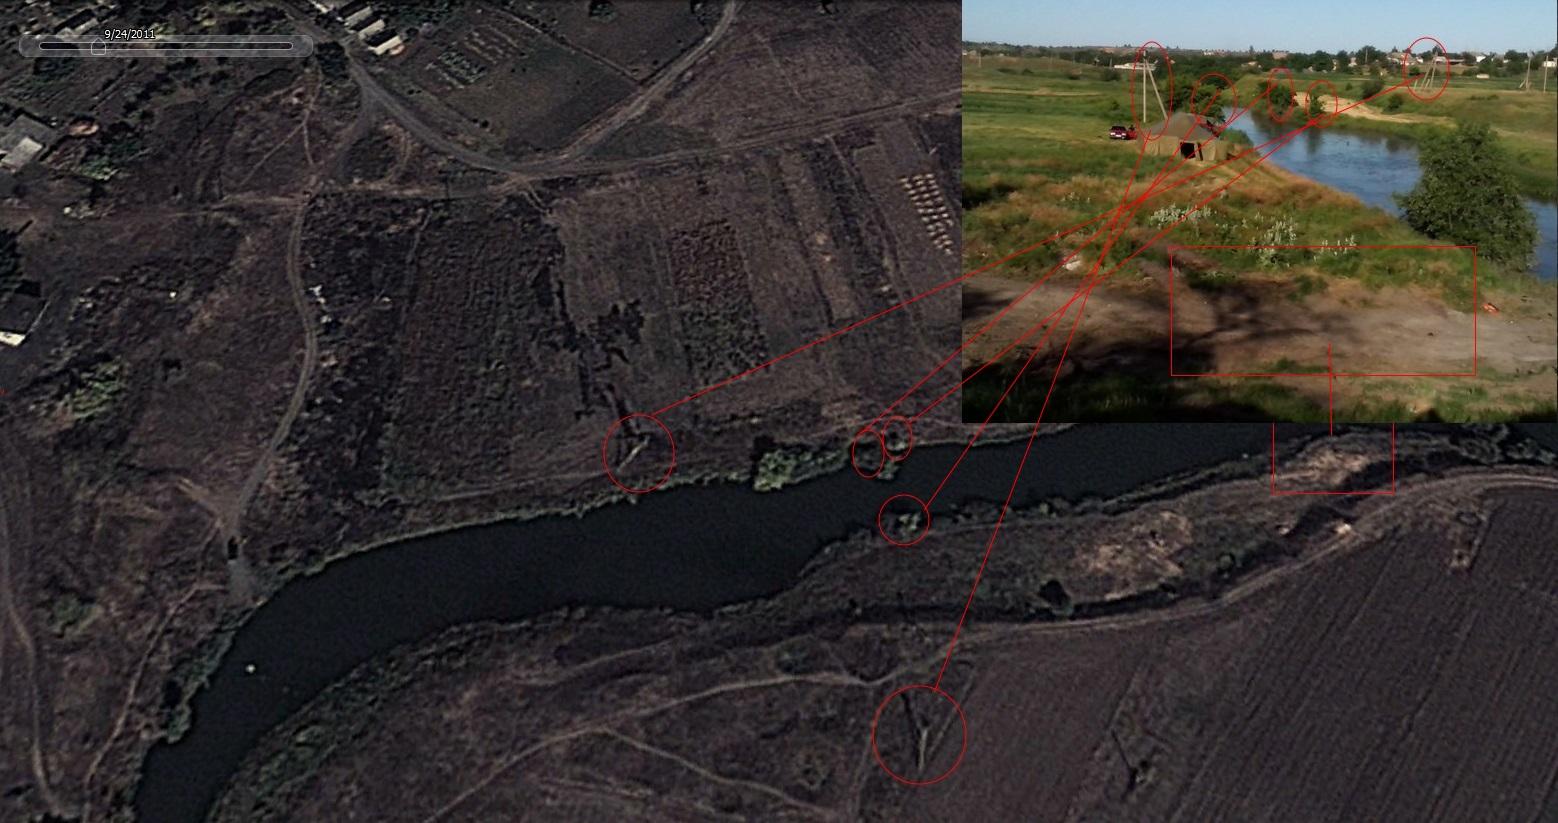 2011-Razdolnoye-Compare1.jpg